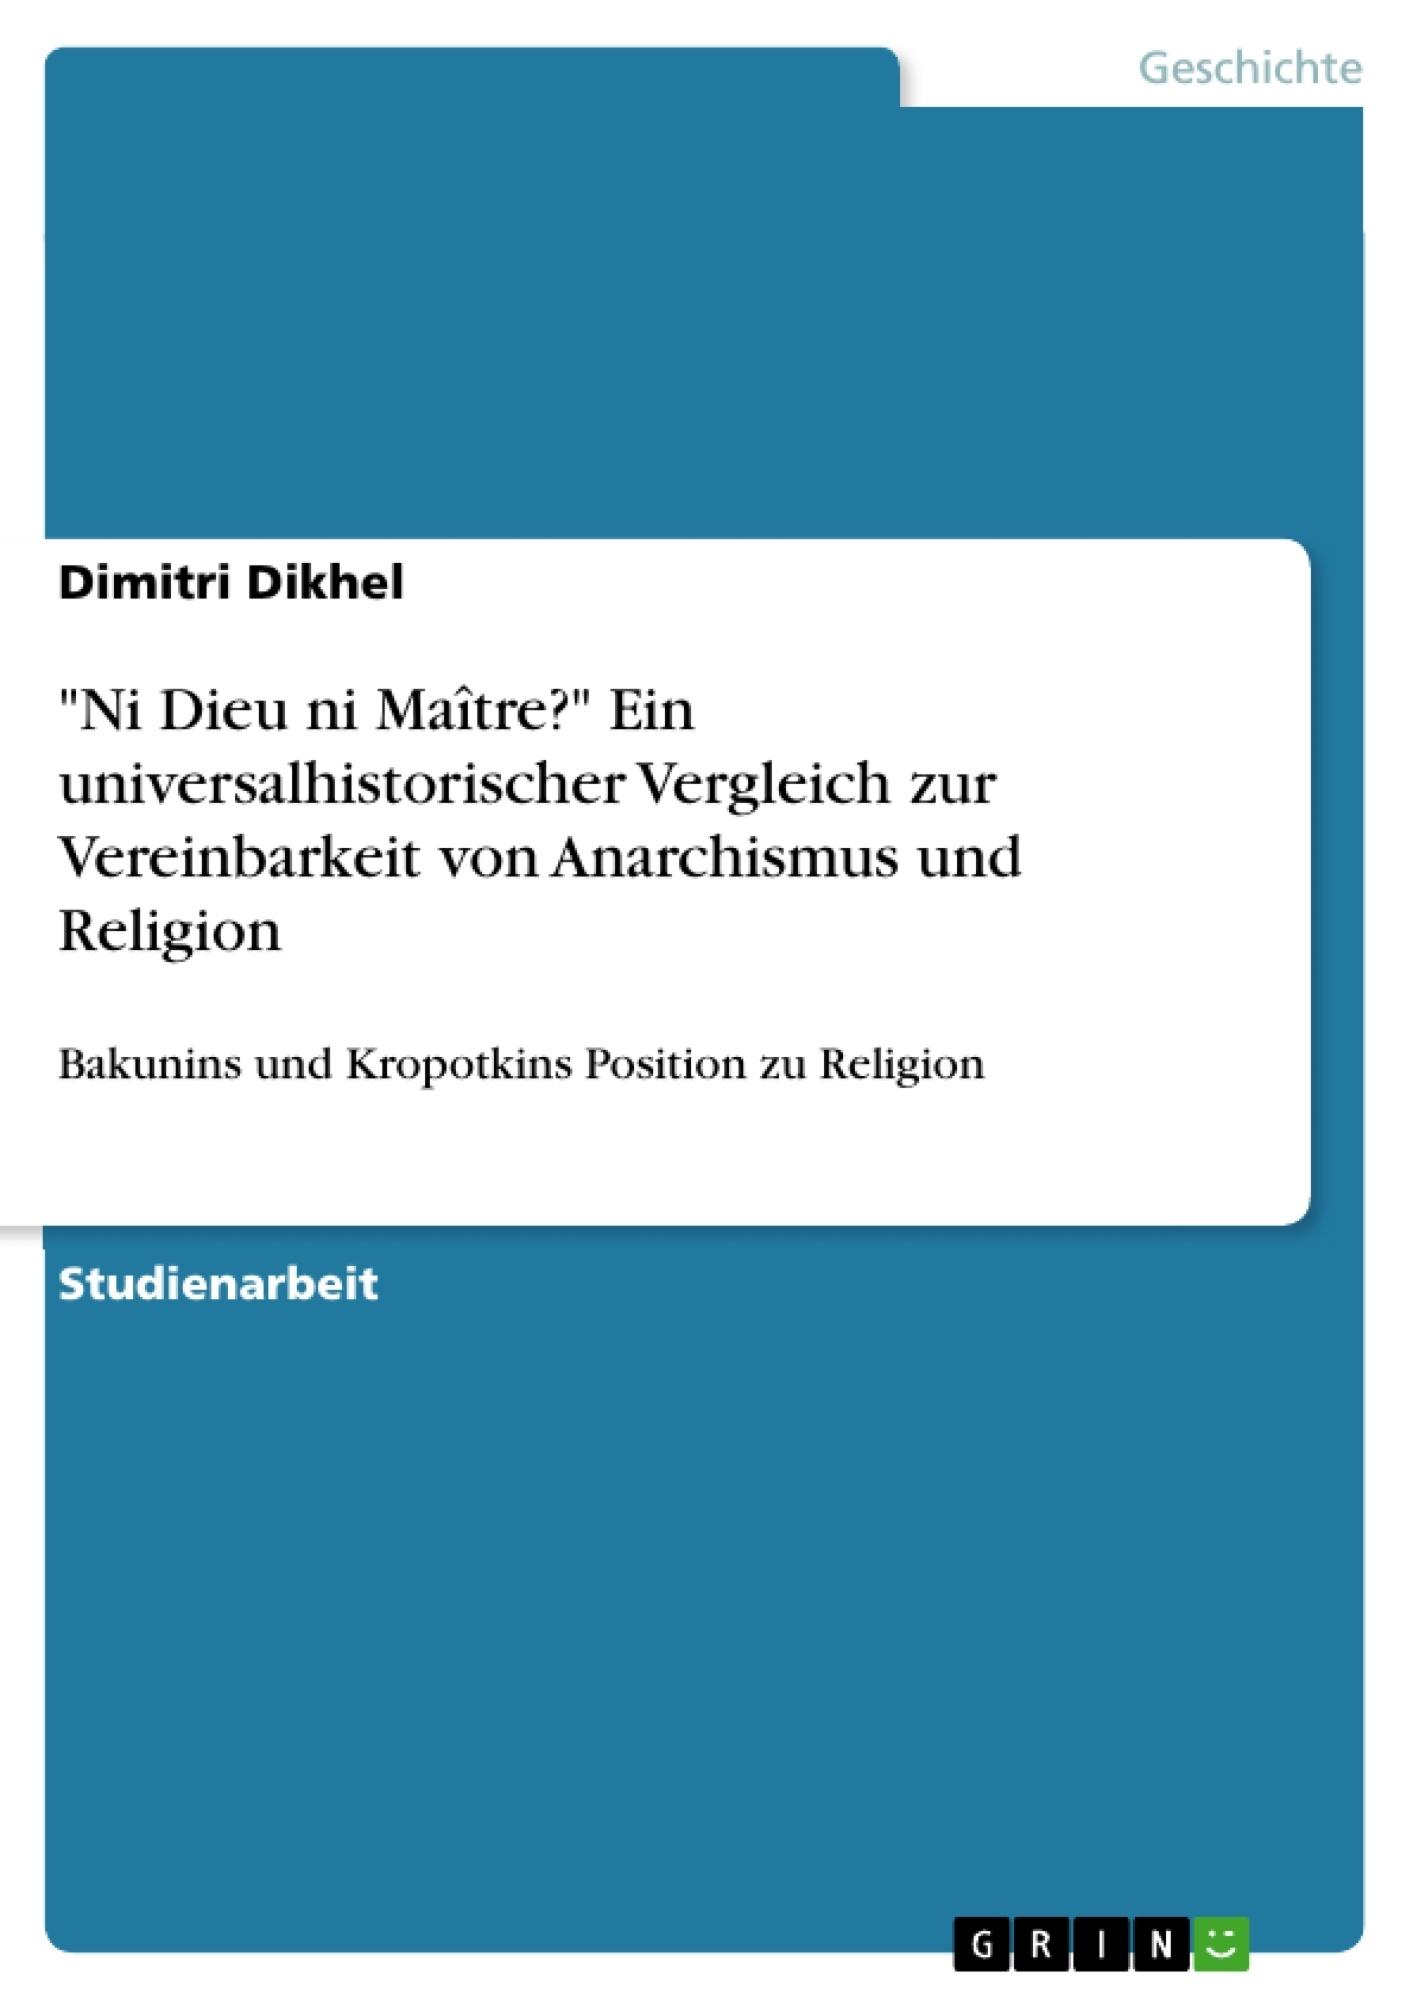 """Titel: """"Ni Dieu ni Maître?"""" Ein universalhistorischer Vergleich zur Vereinbarkeit von Anarchismus und Religion"""